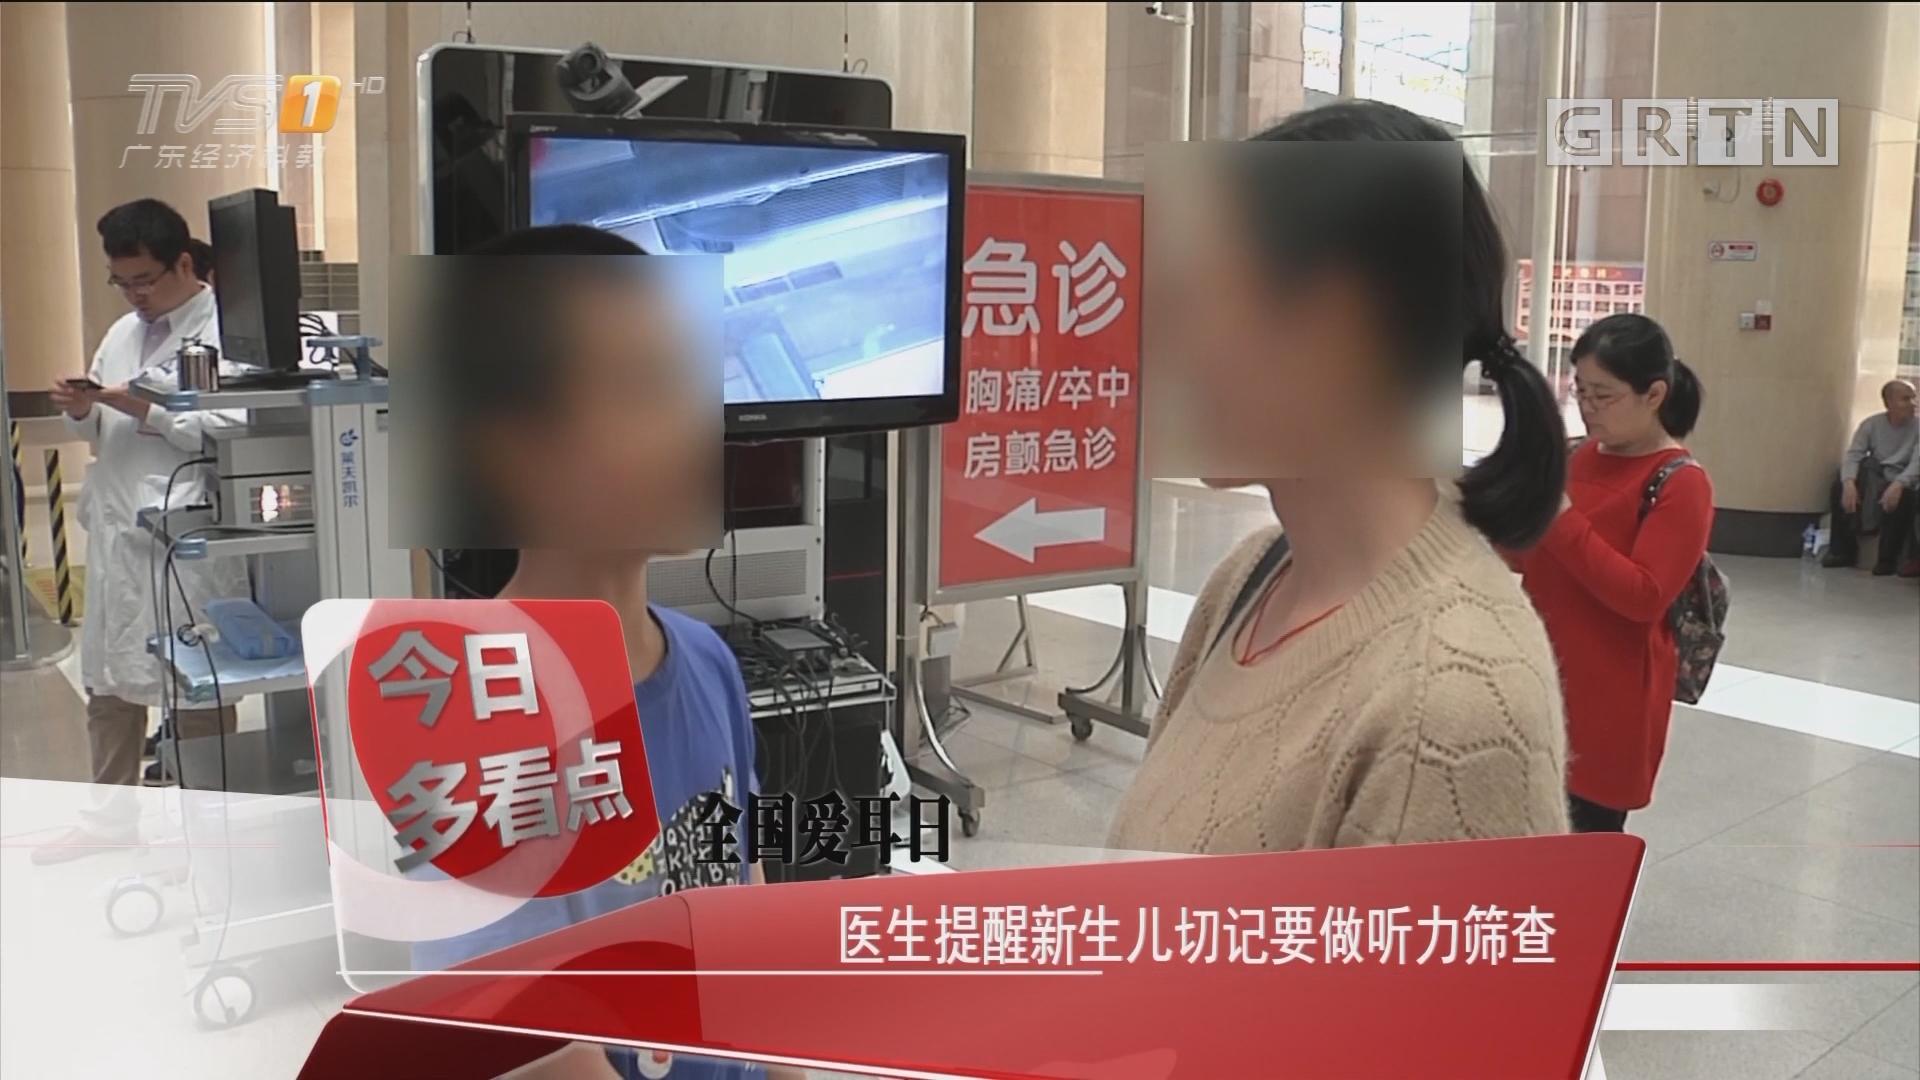 全国爱耳日:医生提醒新生儿切记要做听力筛查